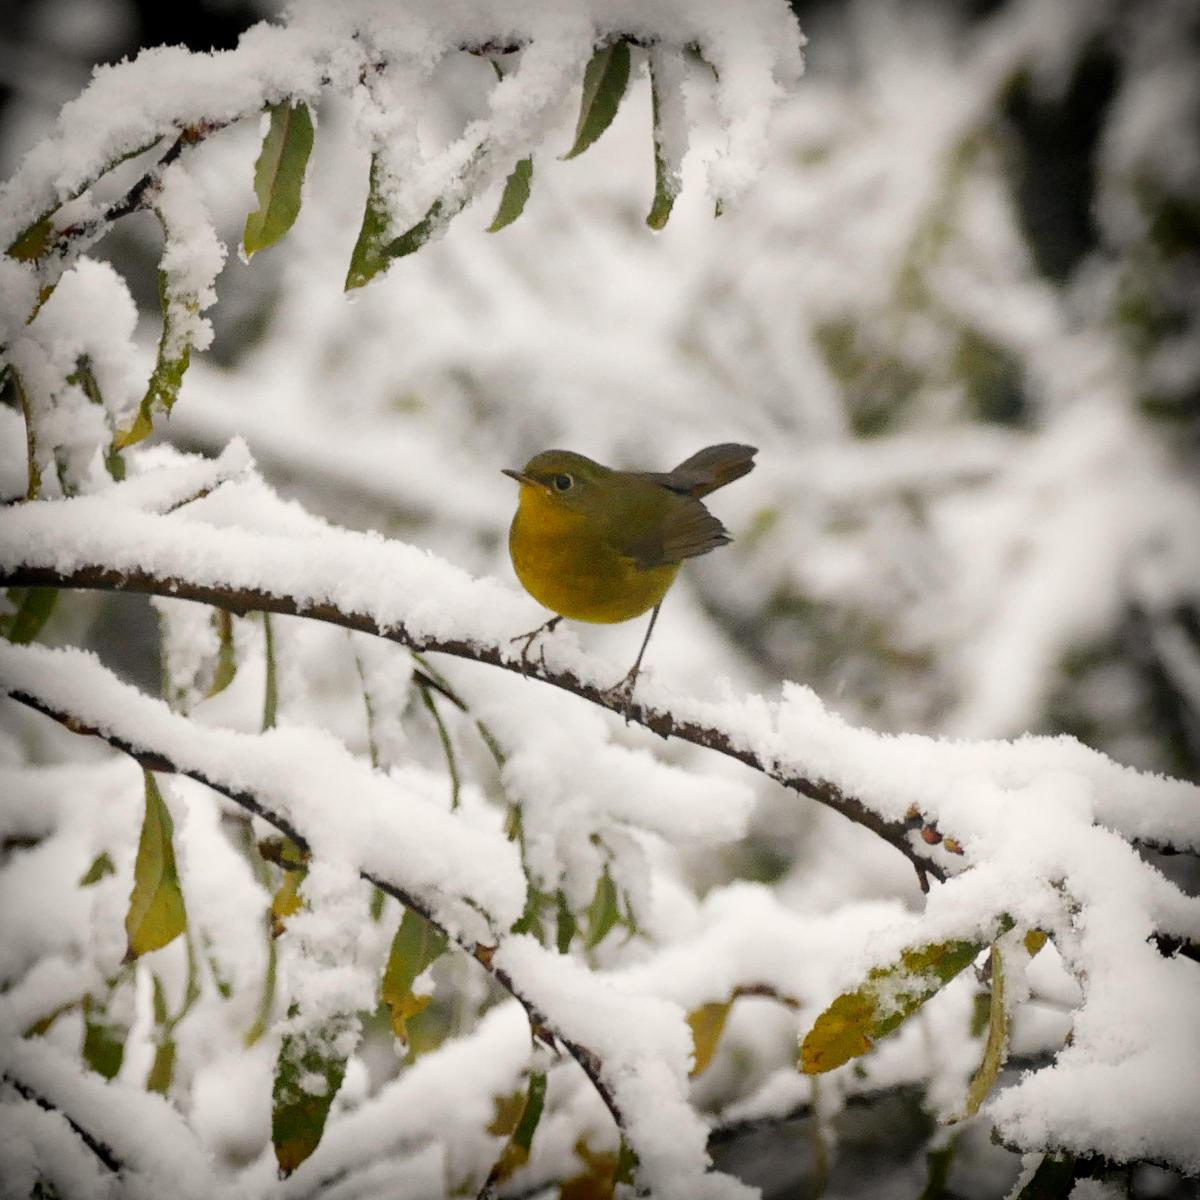 A Golden Bush-Robin perches in fresh snow. Noah Strycker